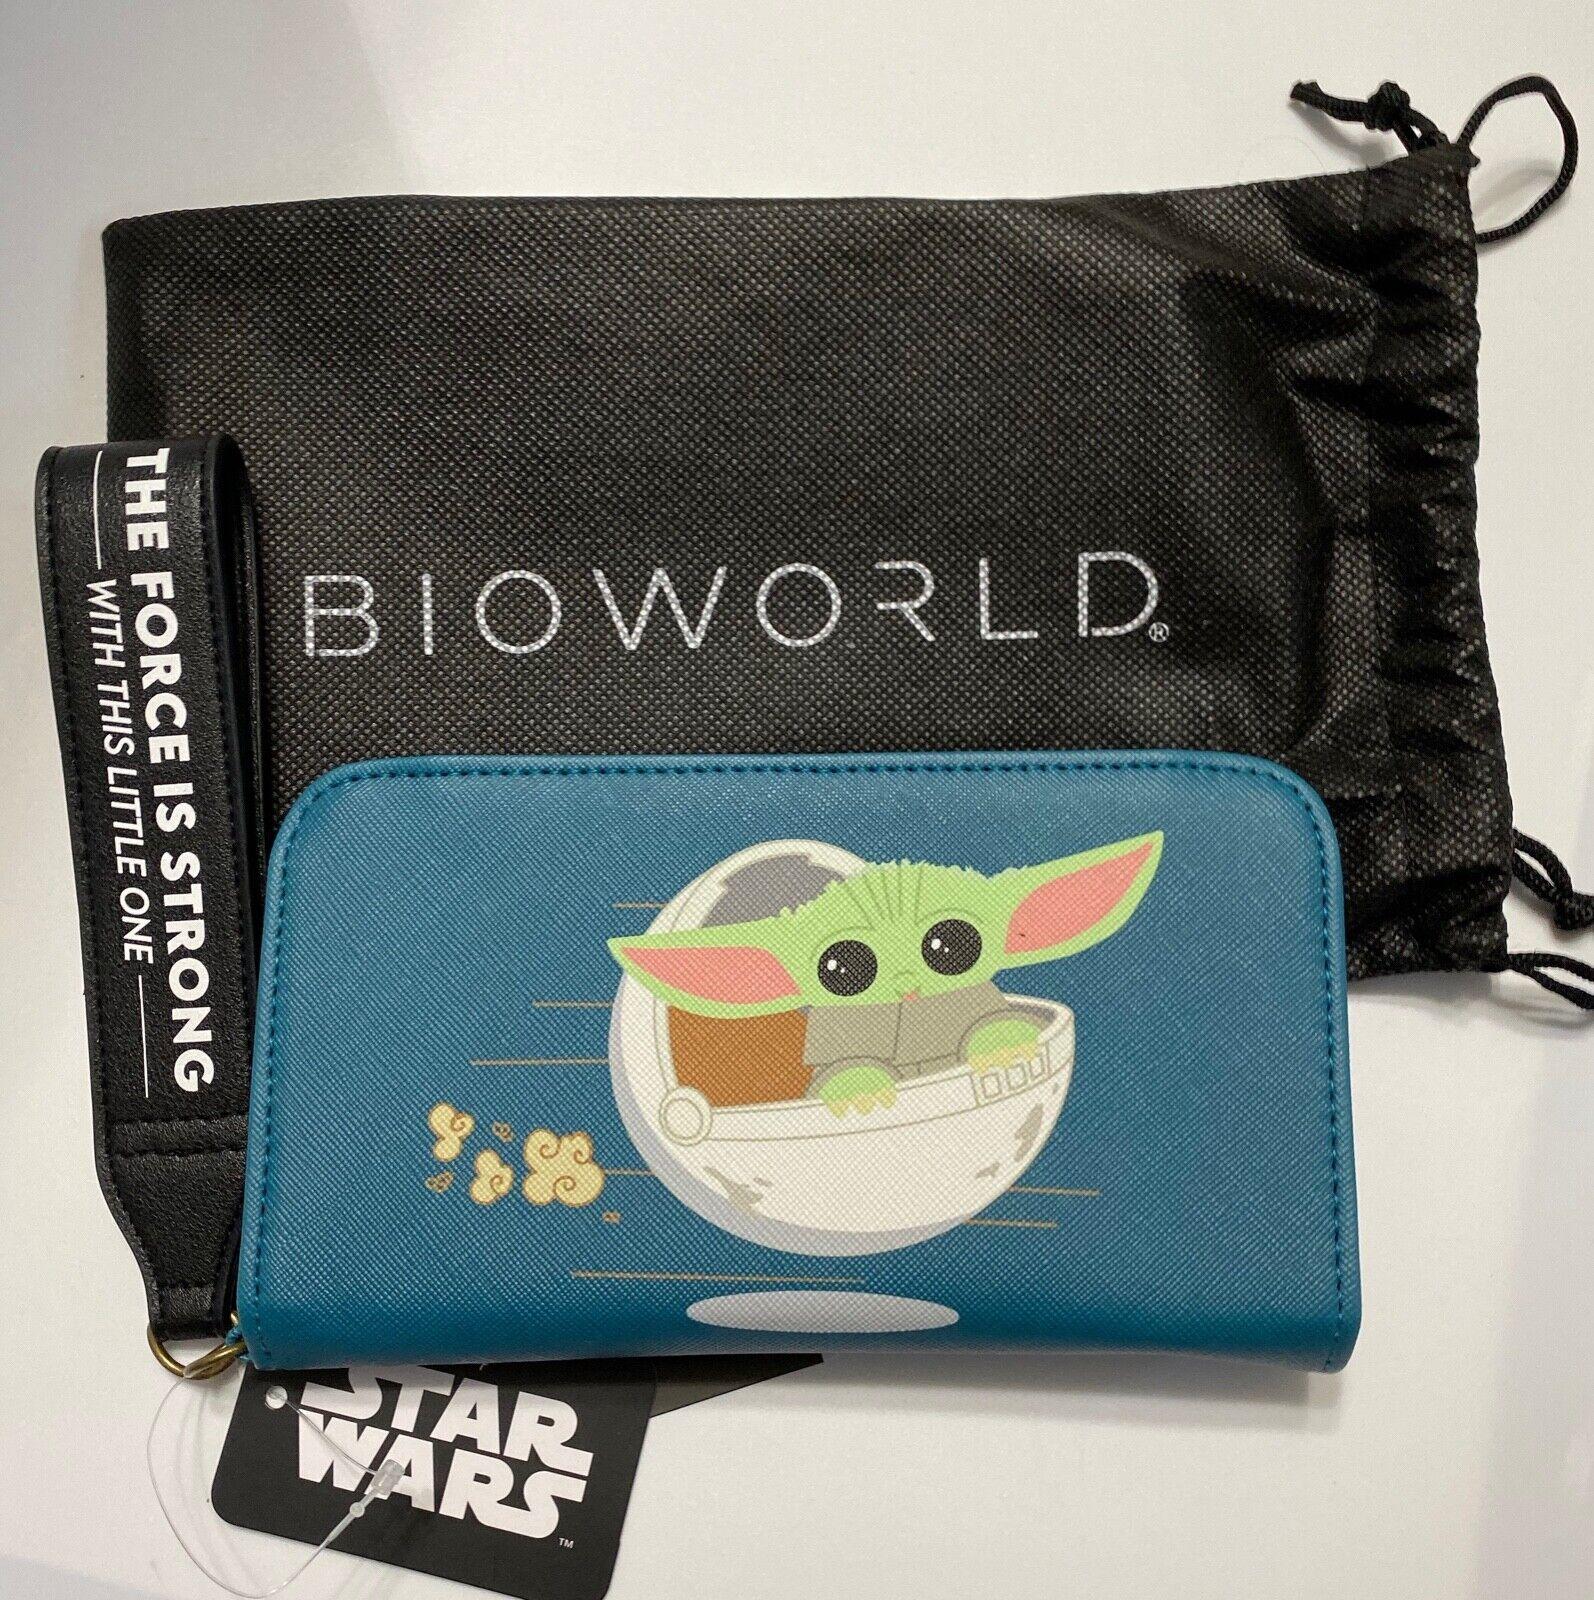 ! nuevo con etiquetas! Bioworld Star Wars The Mandalorian el niño Tech Teléfono Cartera Bolso de mano